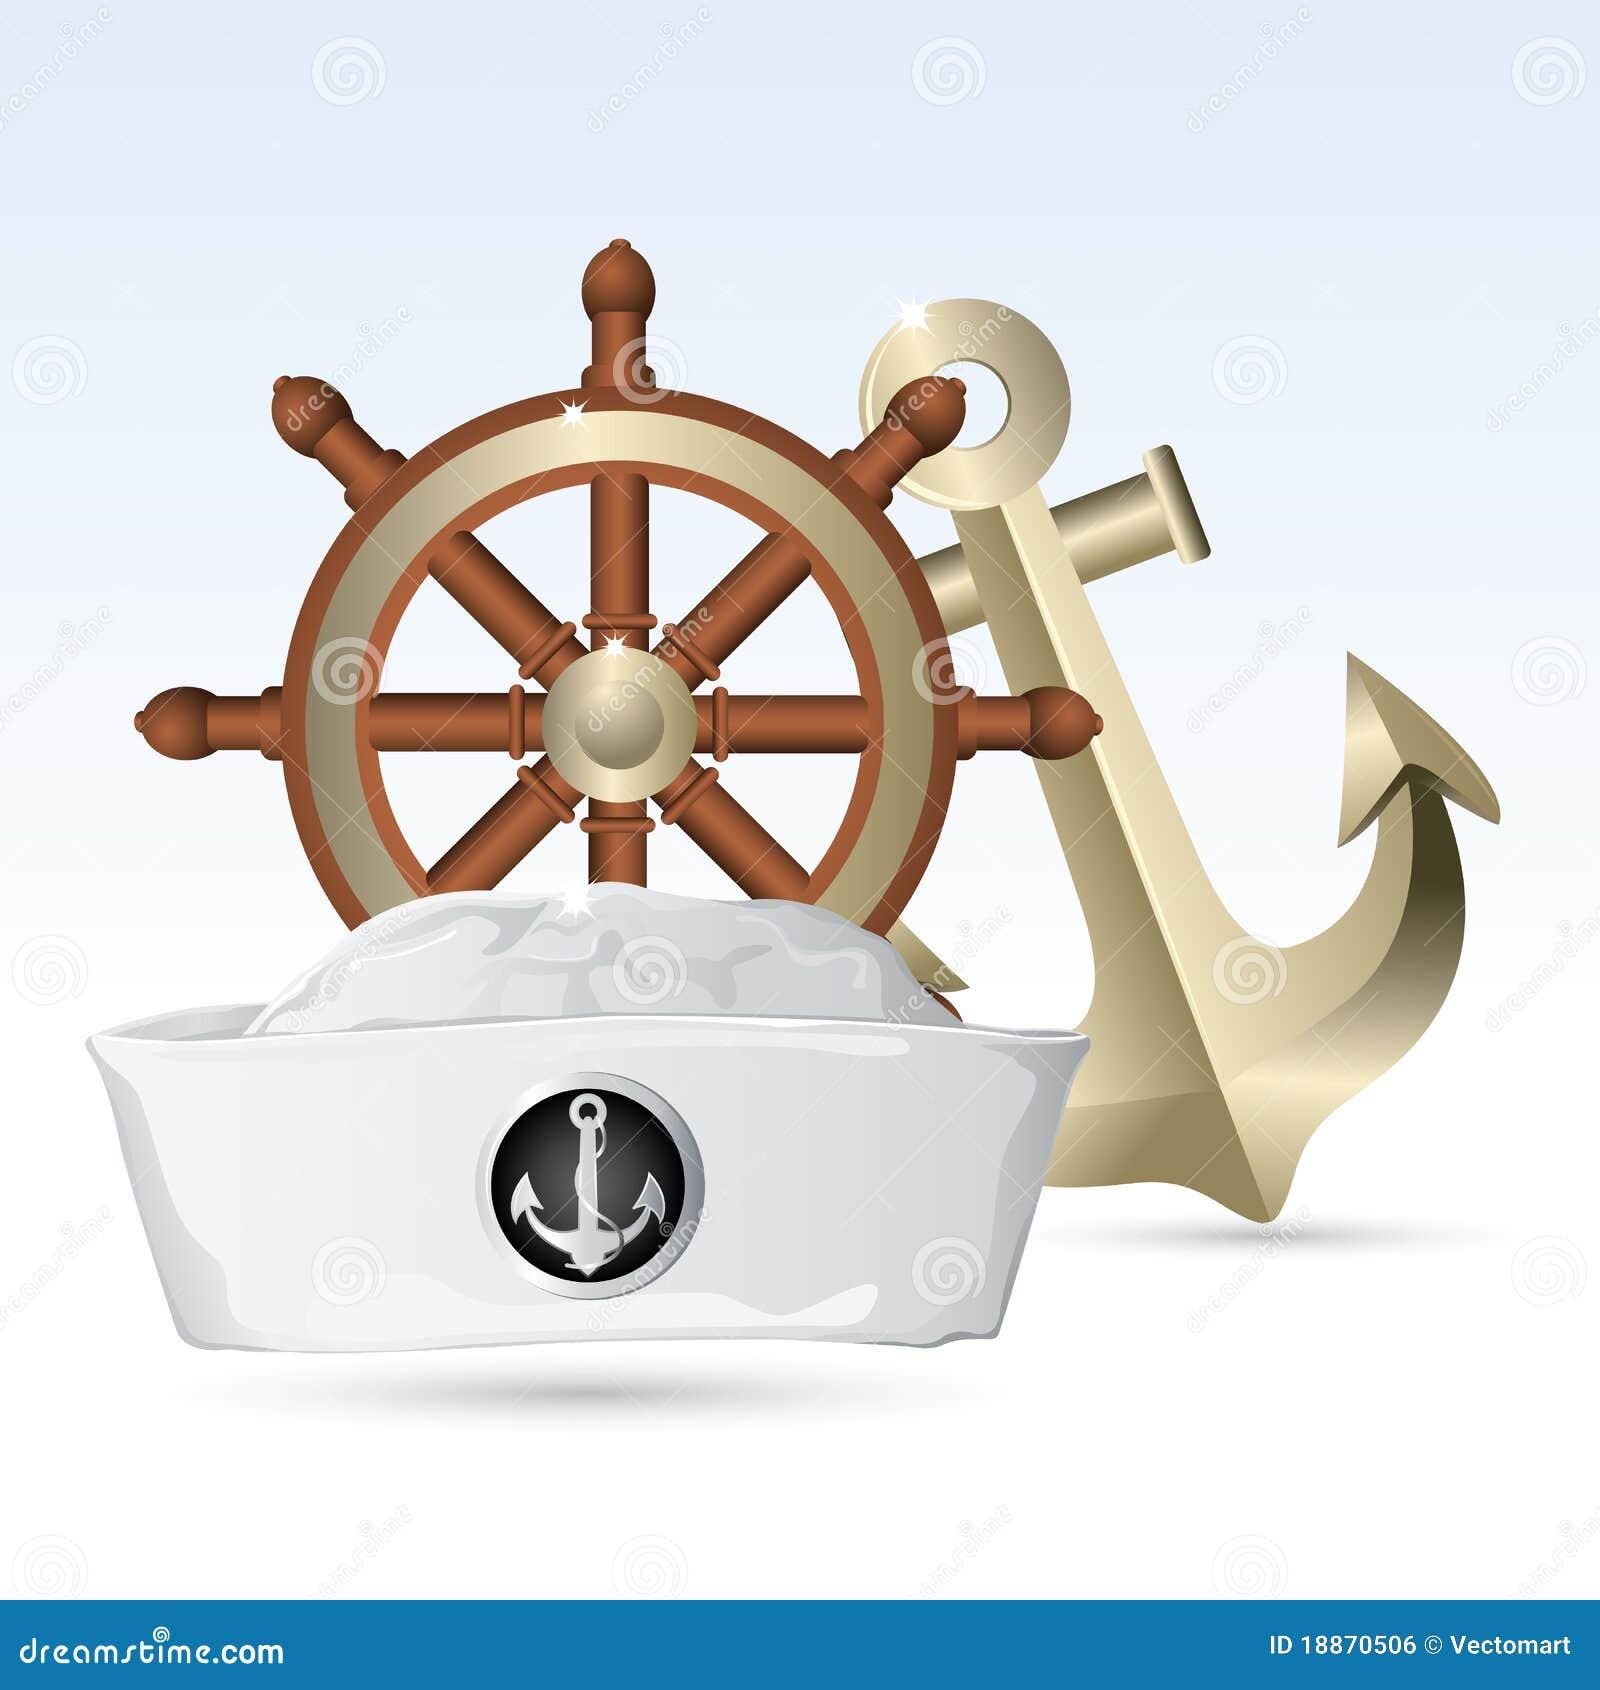 锚点帽子水手方向盘